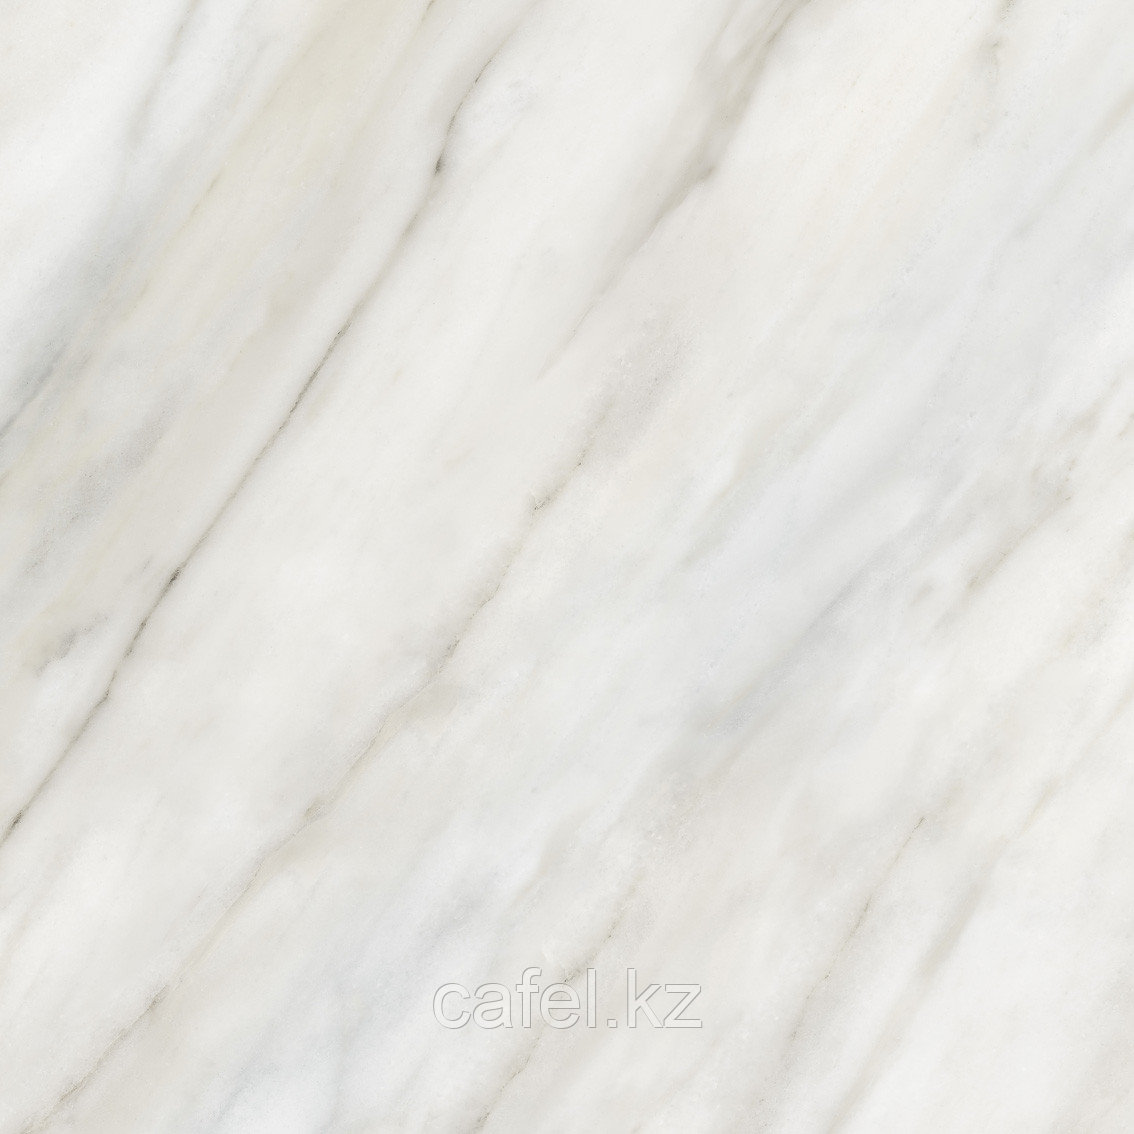 Кафель | Плитка для пола 40х40 Каррара | Carrara